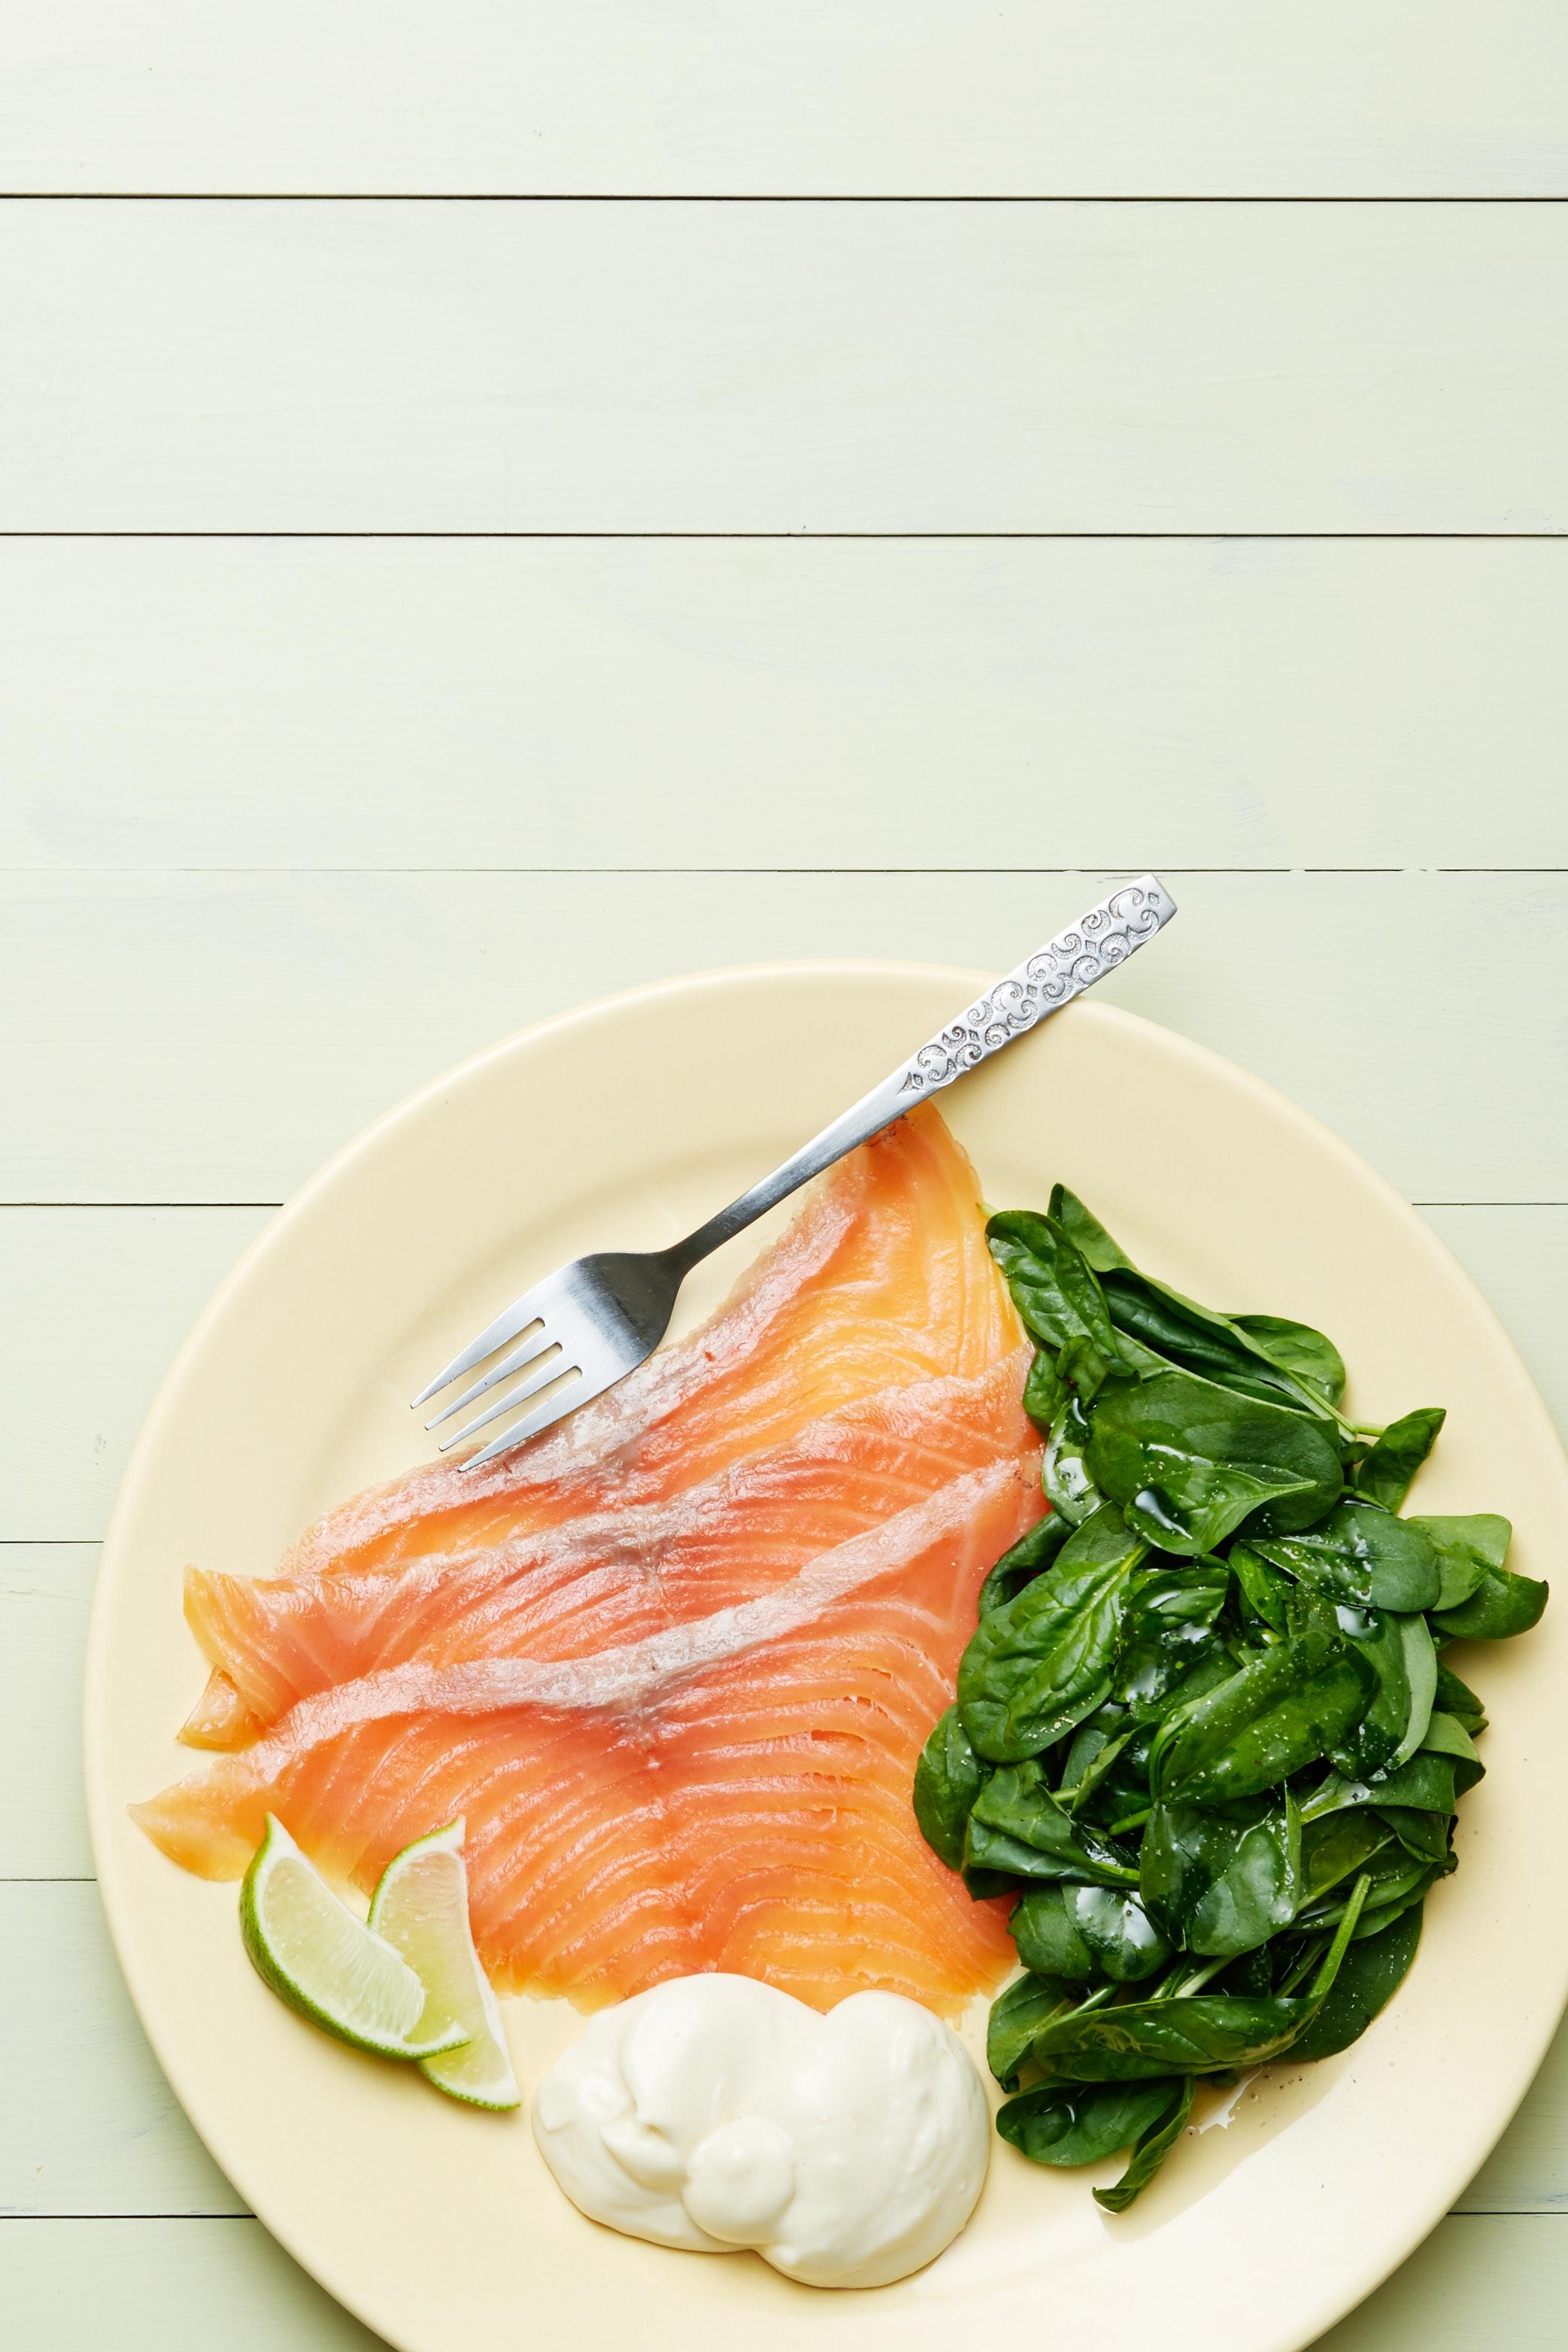 Keto Smoked Salmon Plate \u2014 Recipe \u2014 Diet Doctor